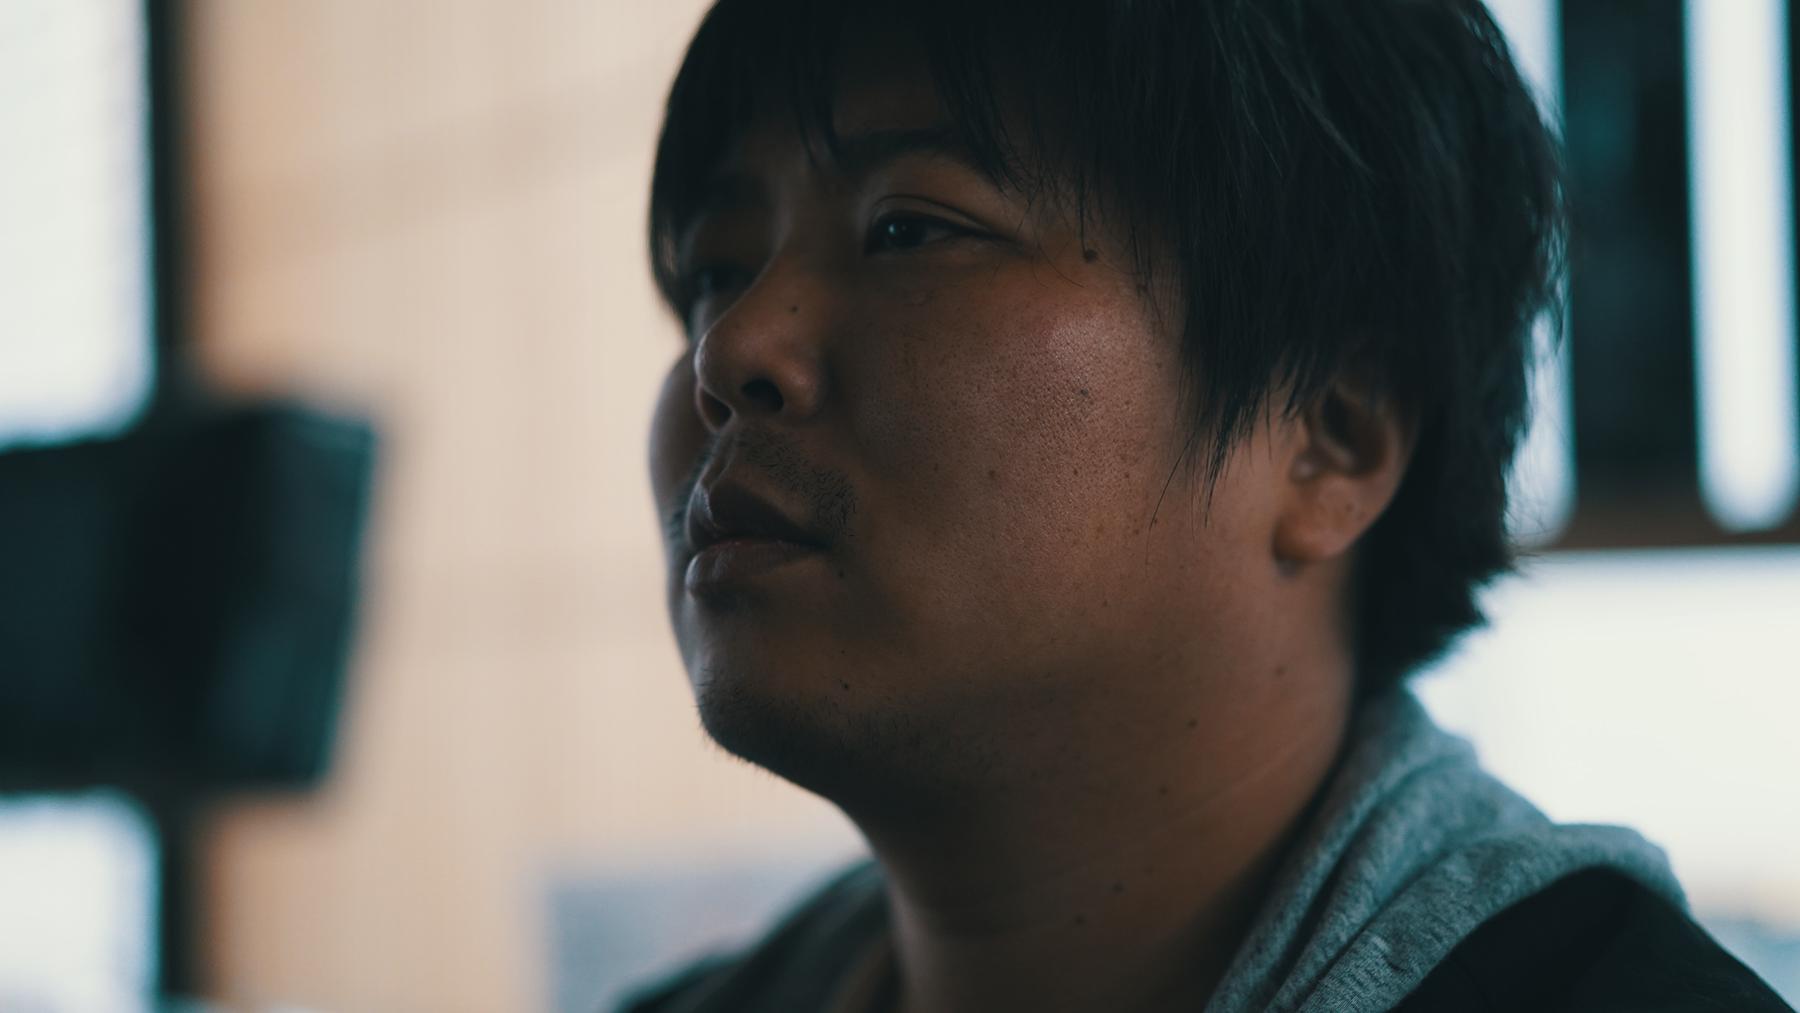 プロデューサー:佐藤一樹(シングメディア/THINGMEDIA)